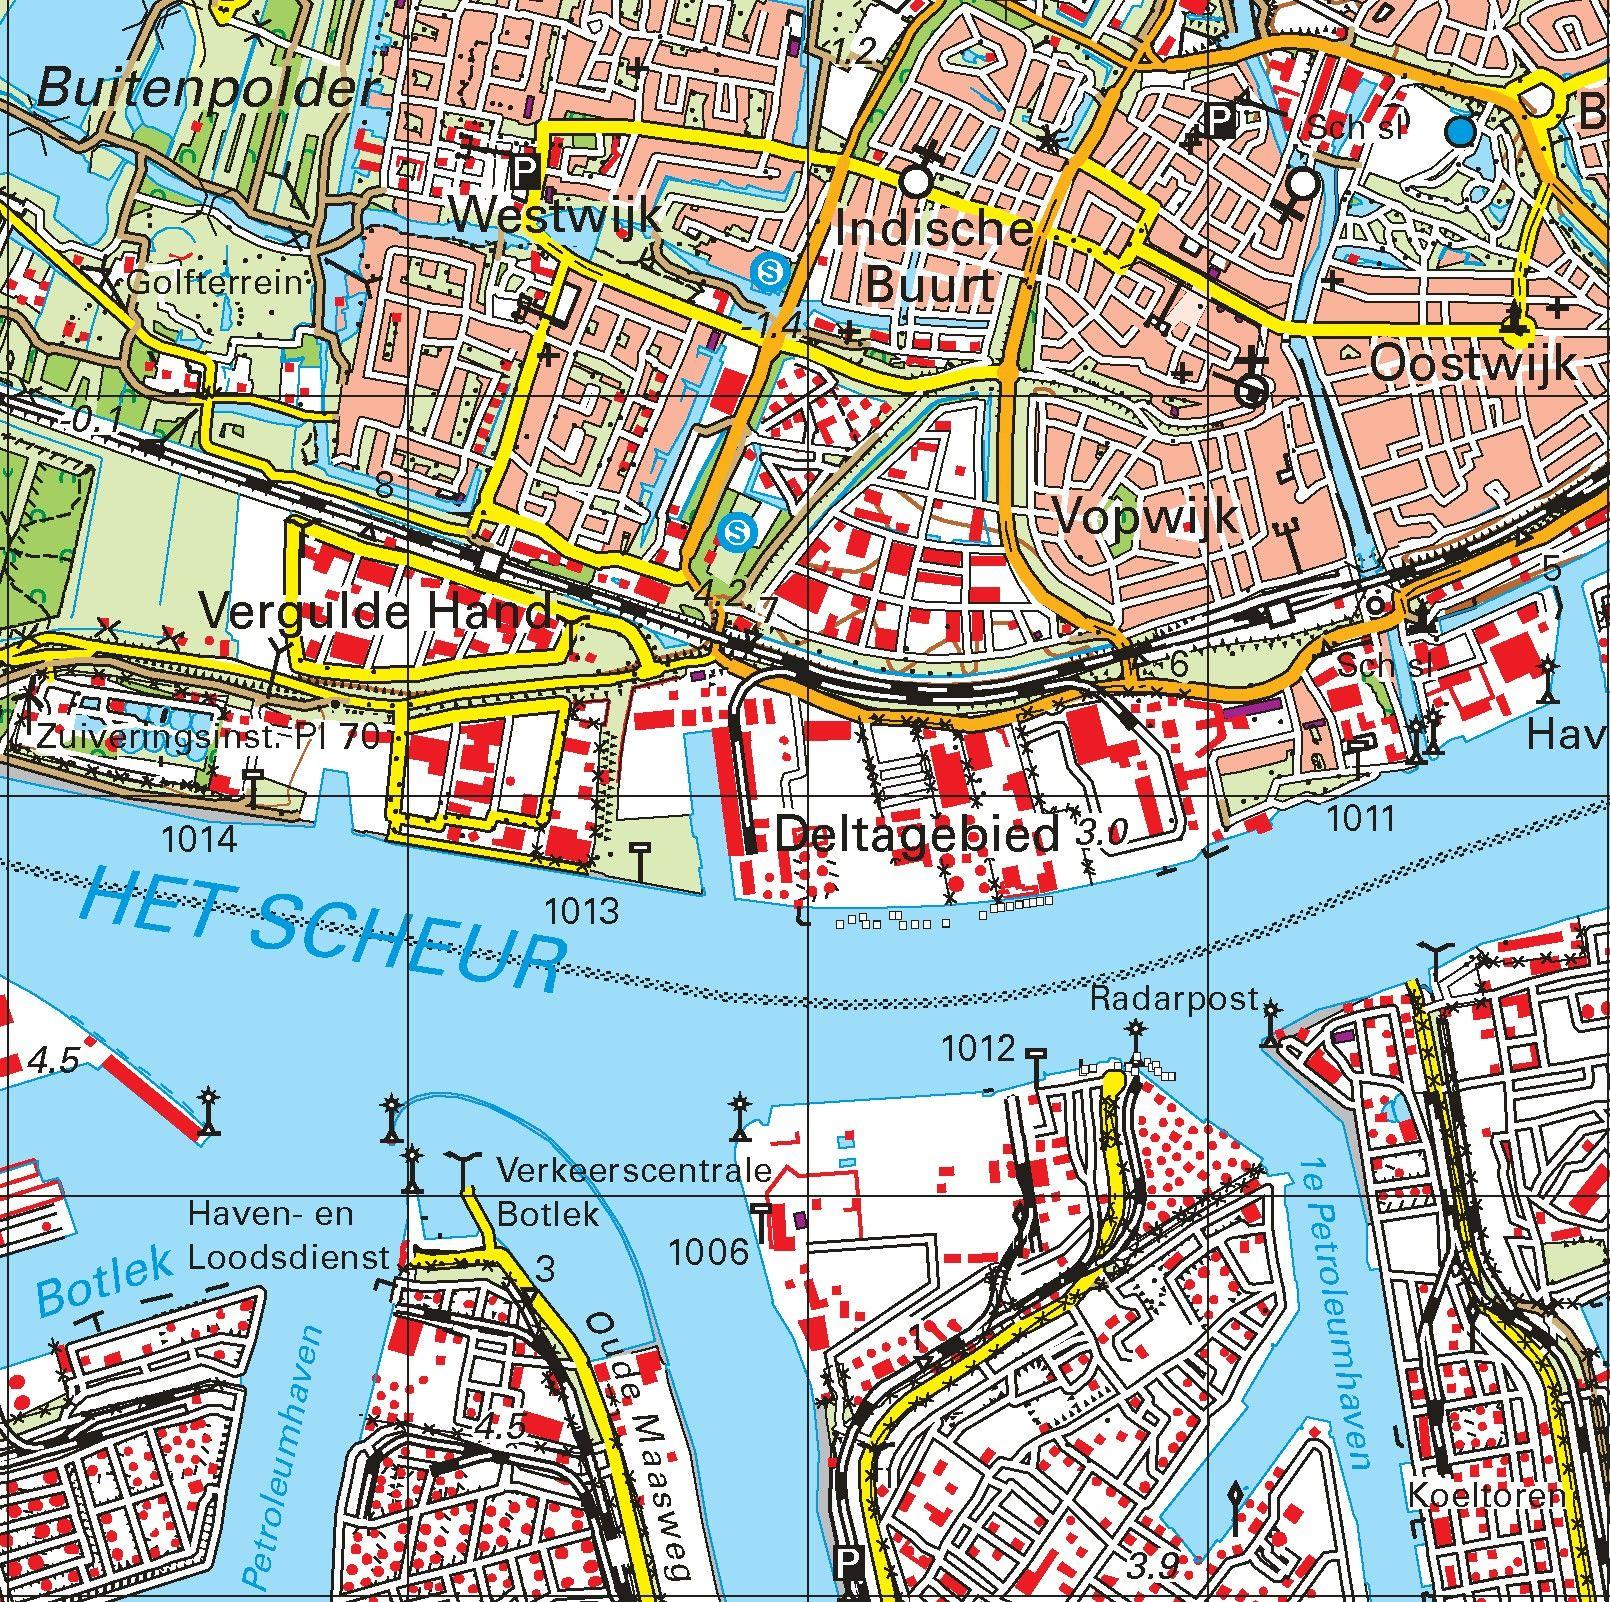 Topografische kaart schaal 1:50.000 (Oegstgeest Wassenaar Delft Den Haag Rotterdam)